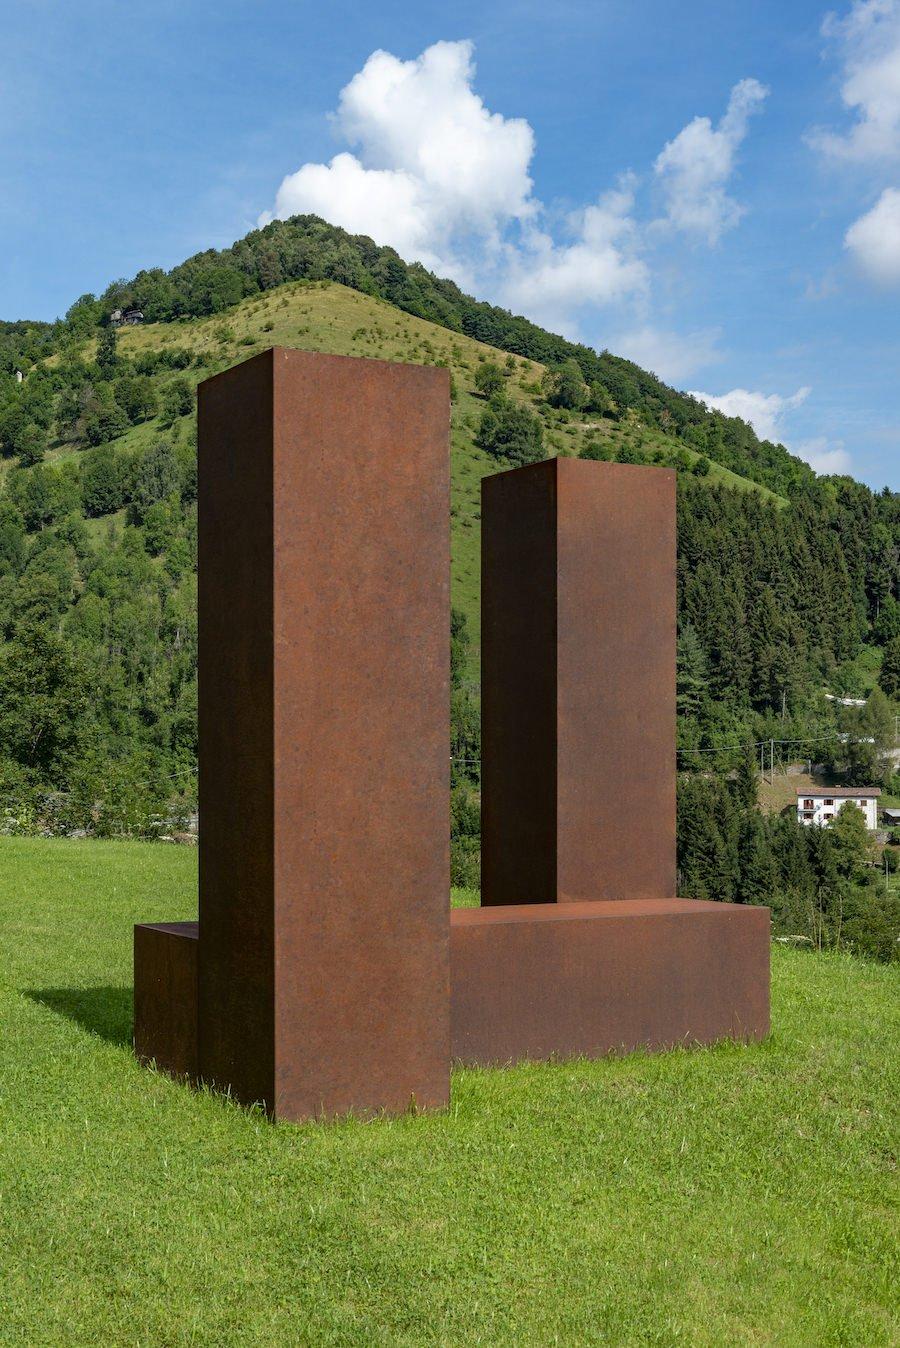 Nicola Carrino-Ricostruttivo Progetto Paesaggio Morterone-2010/2012